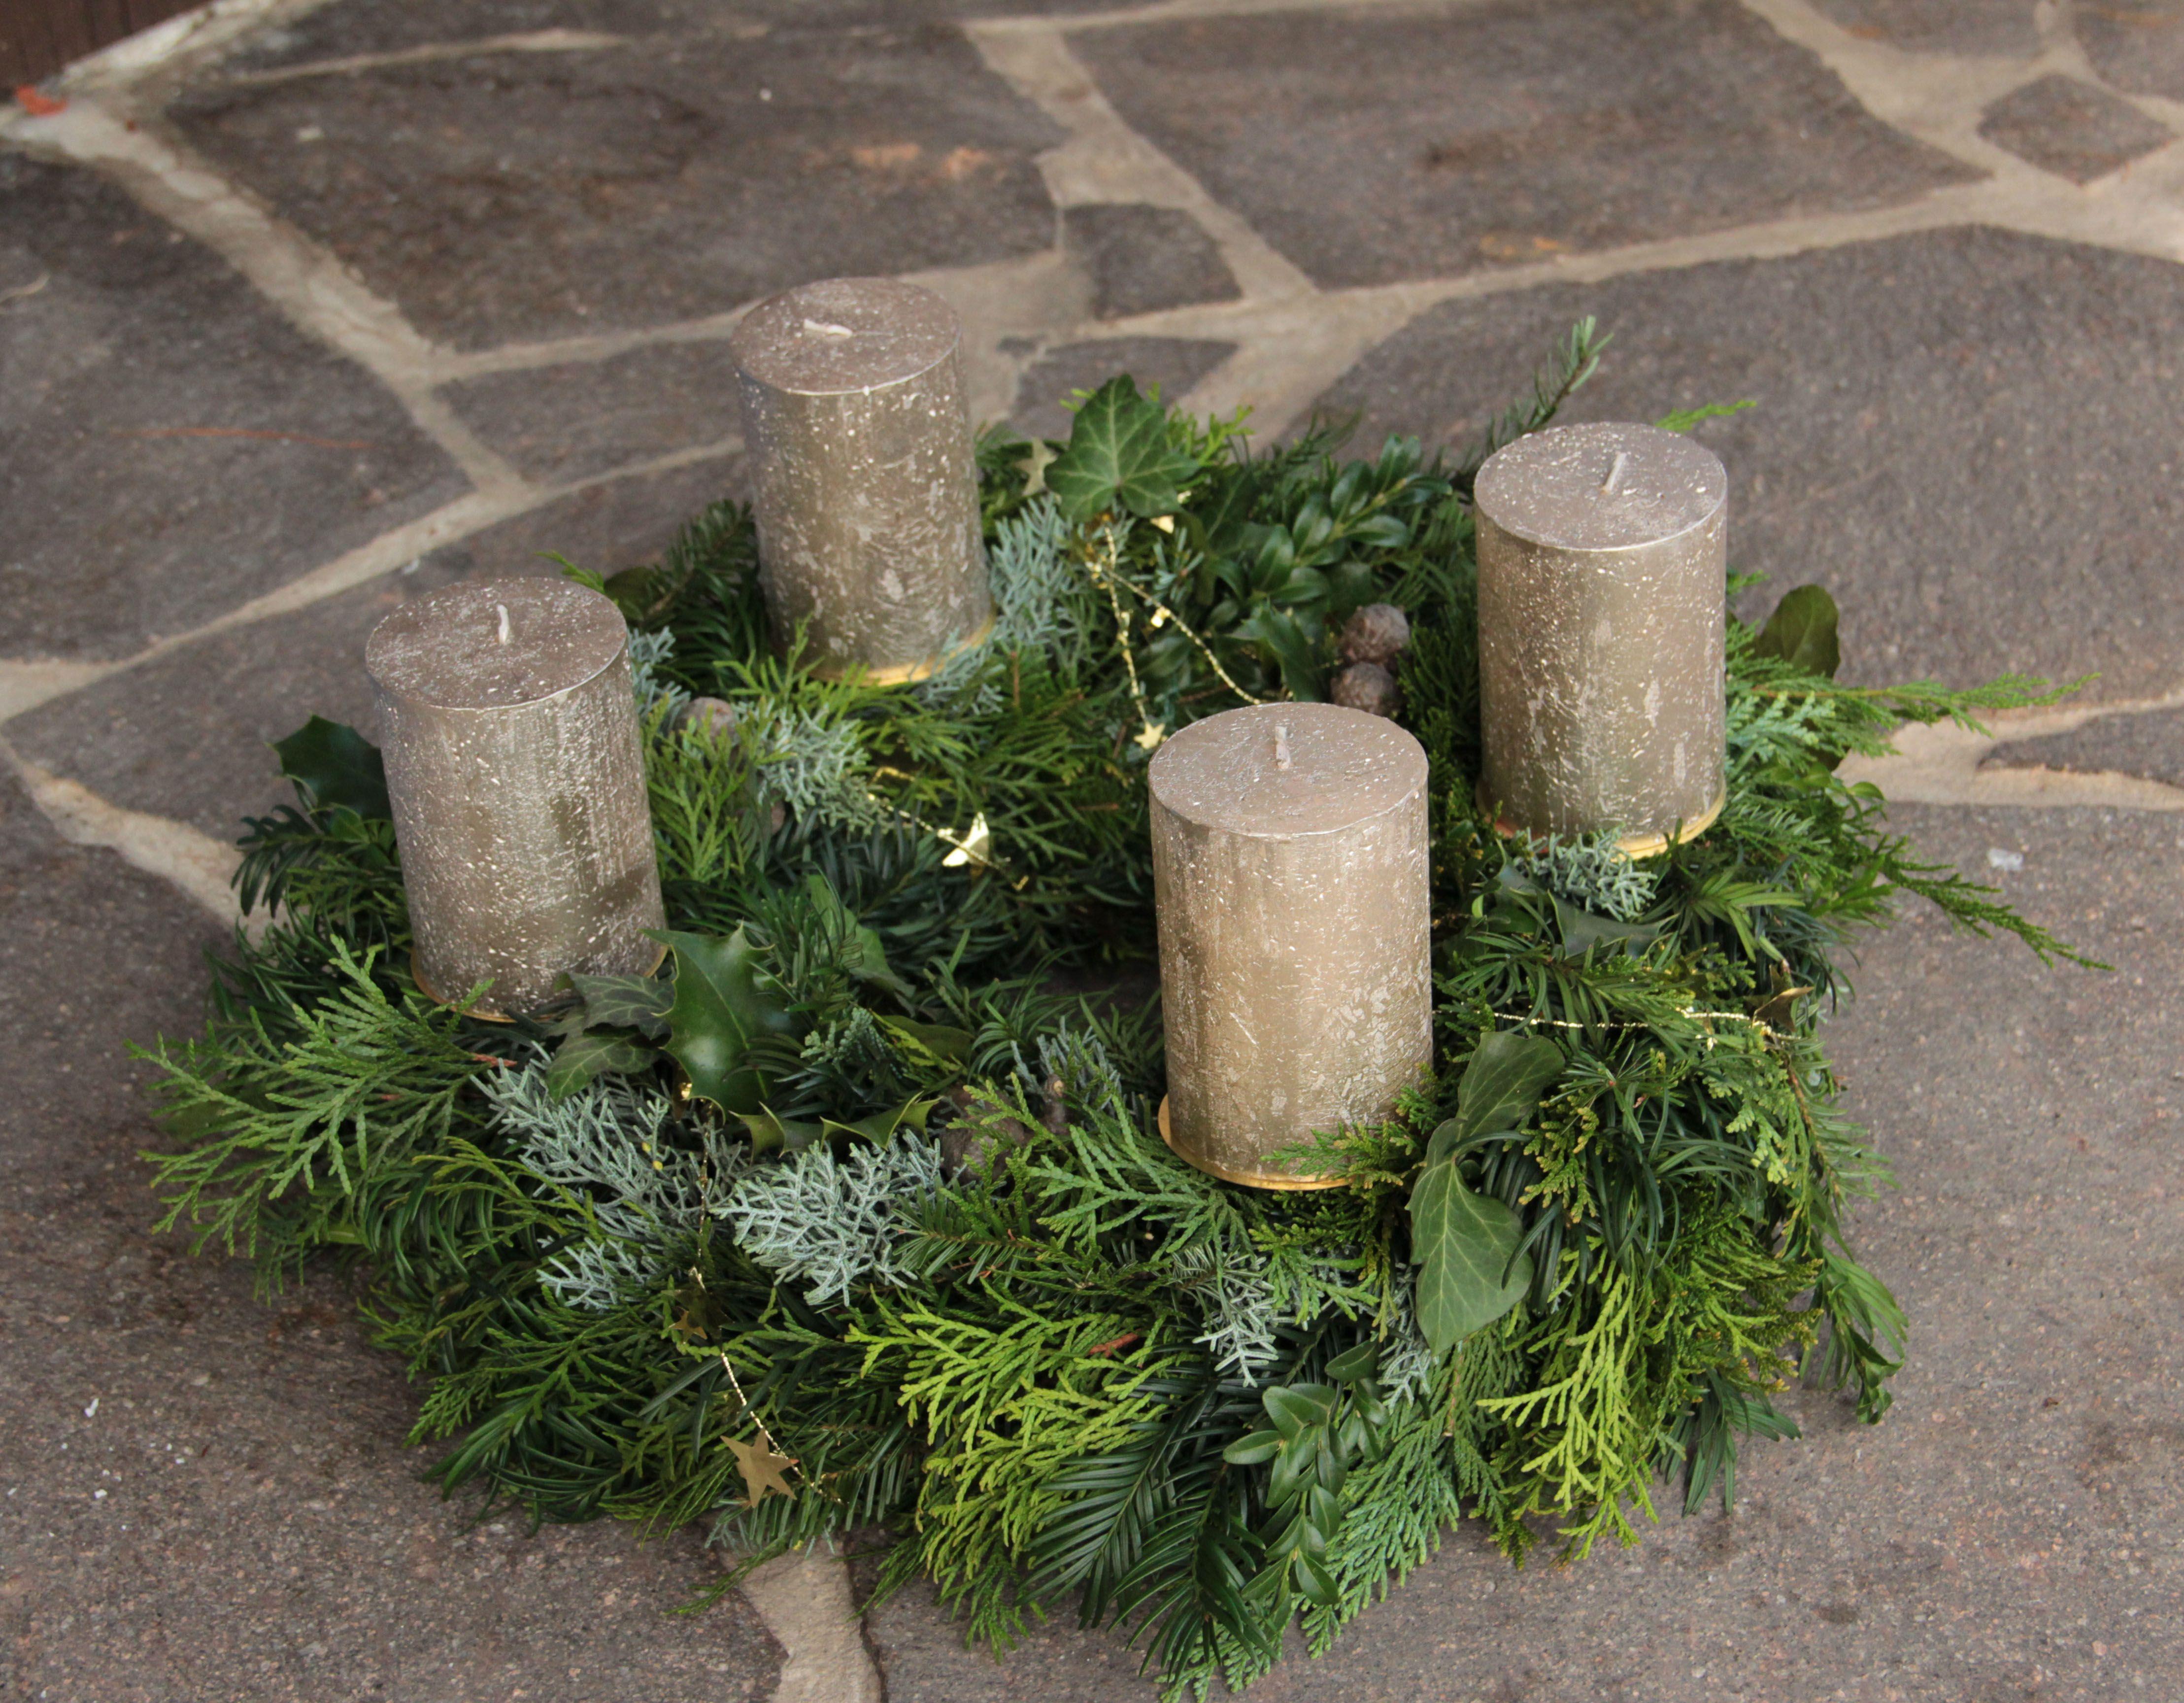 Adventskranz binden | Winter- und Adventskränze | Pinterest | Holidays